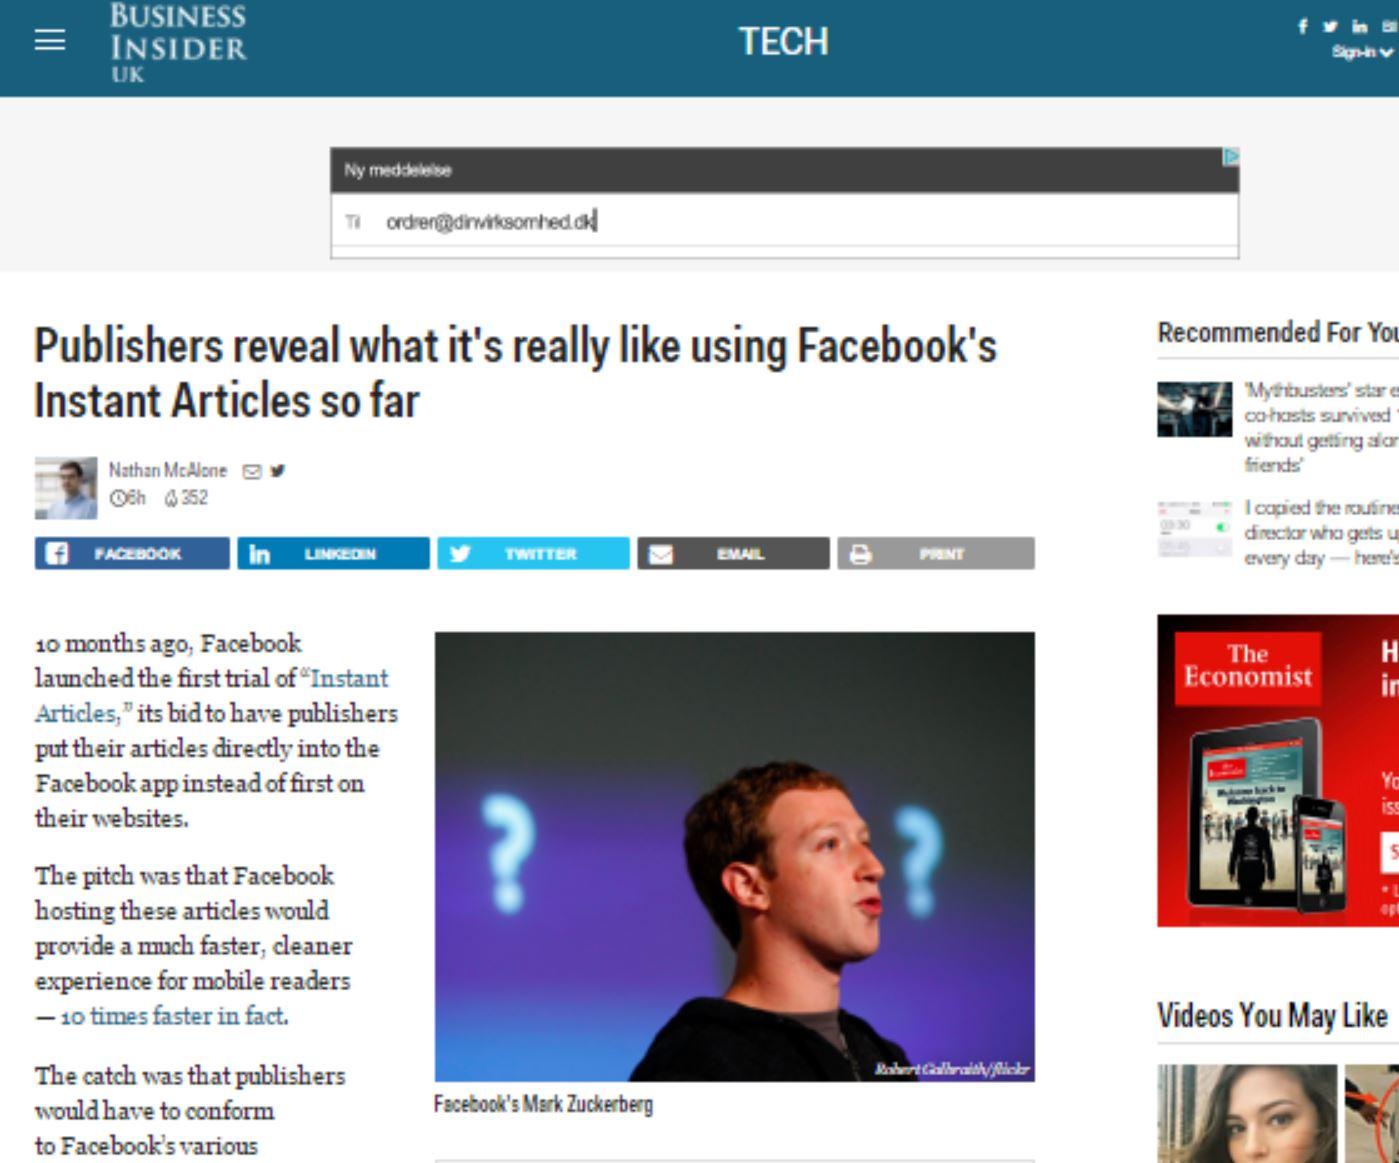 Medier afslører hvordan det virkelig er at være på Facebook Instant Articles